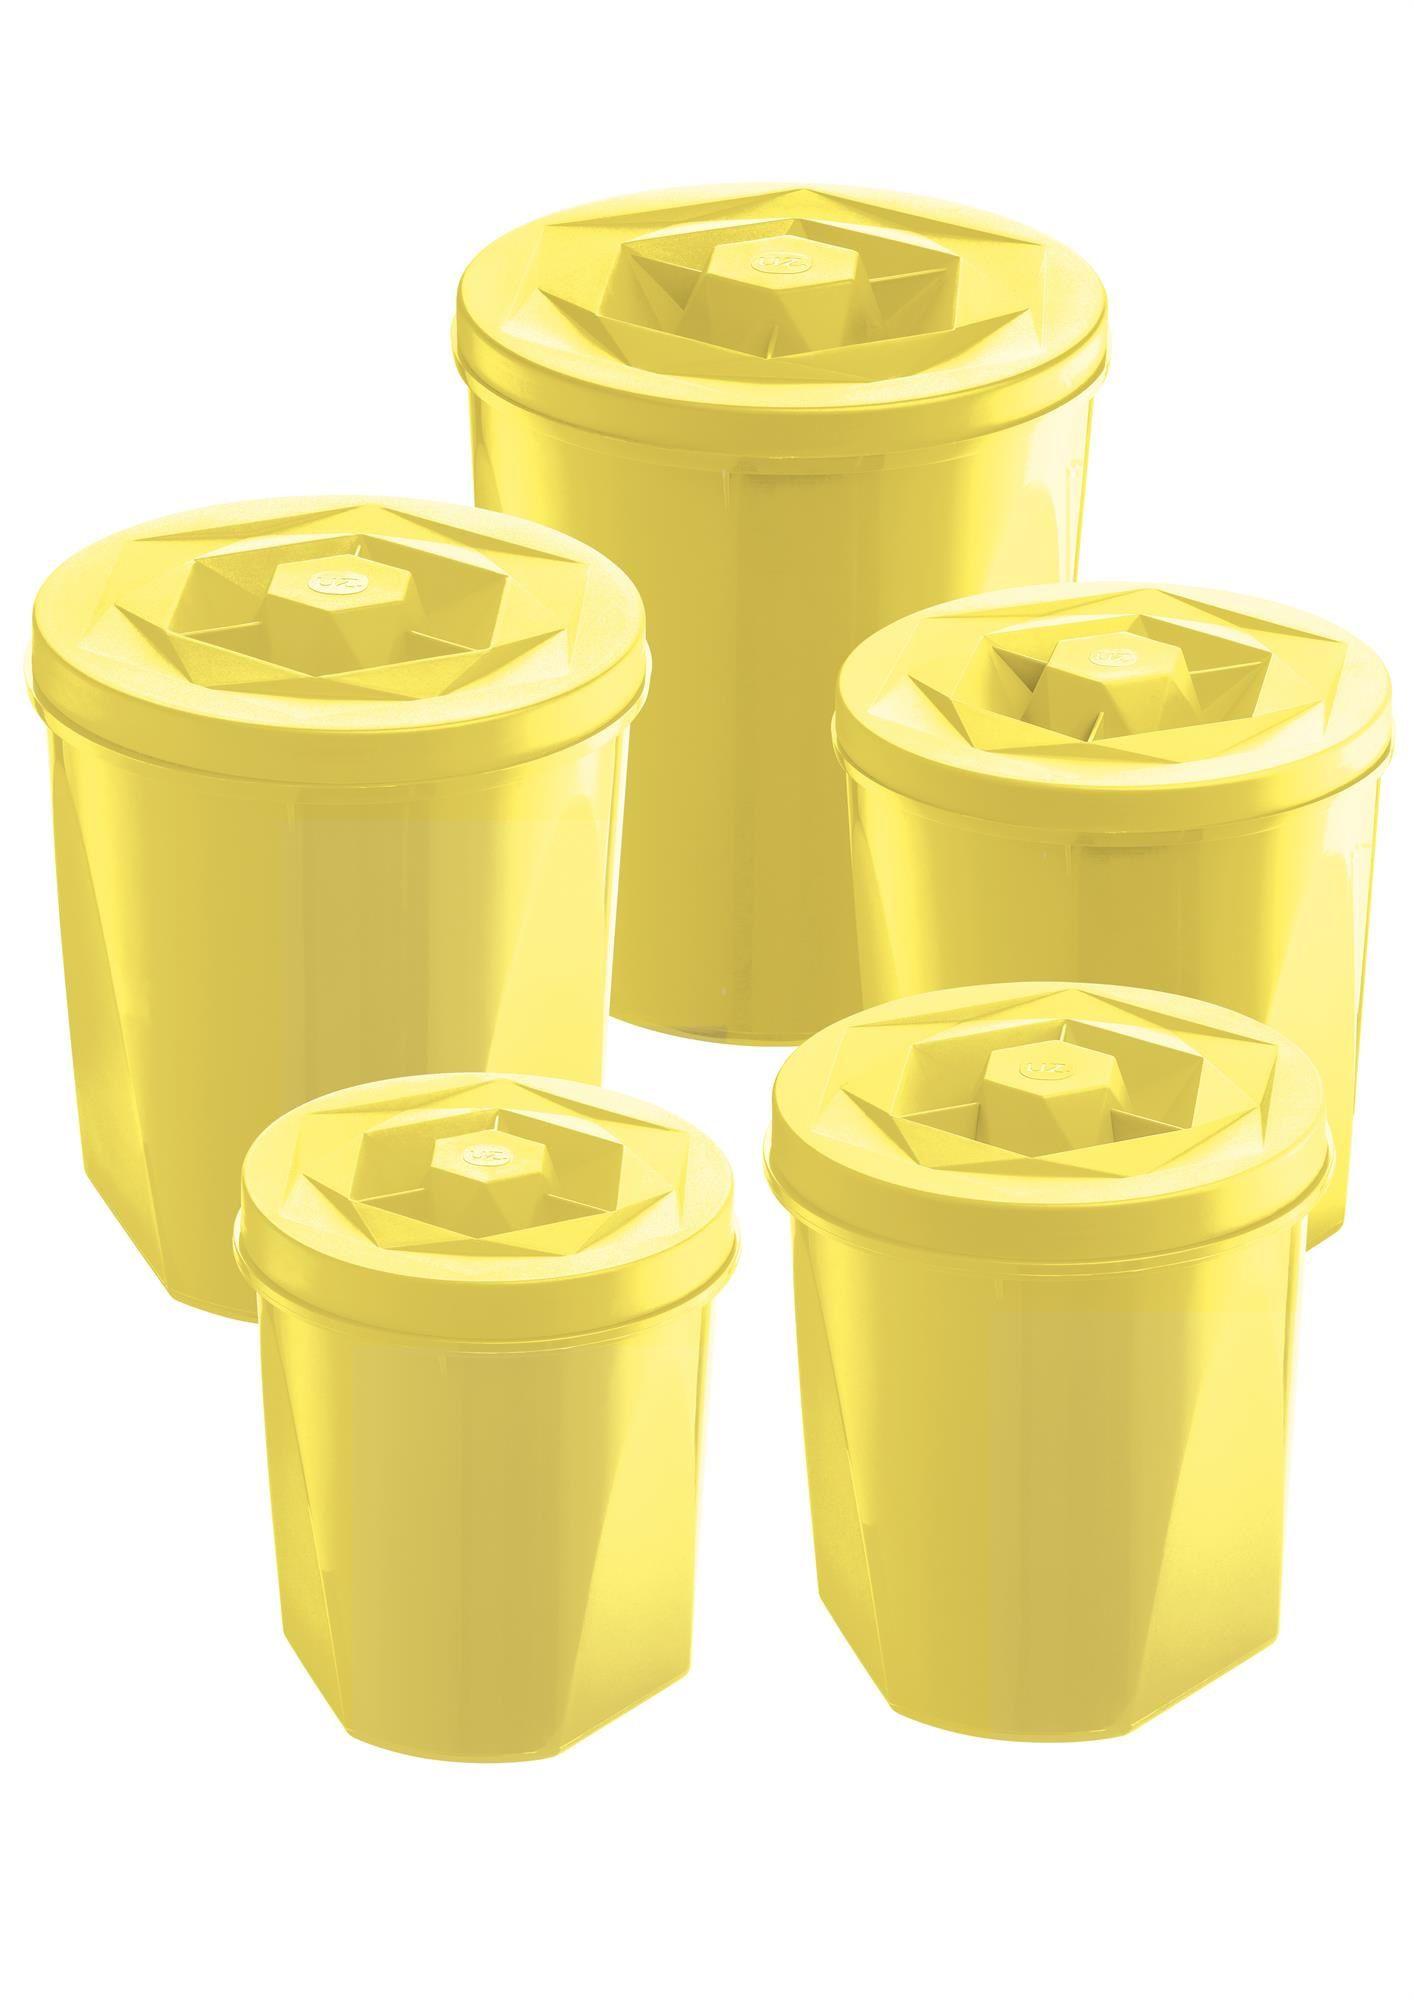 Jogo de Potes Porta Mantimentos 5 Peças Plástico Color Com Tampa de Rosca UZ Utilidades Amarelo